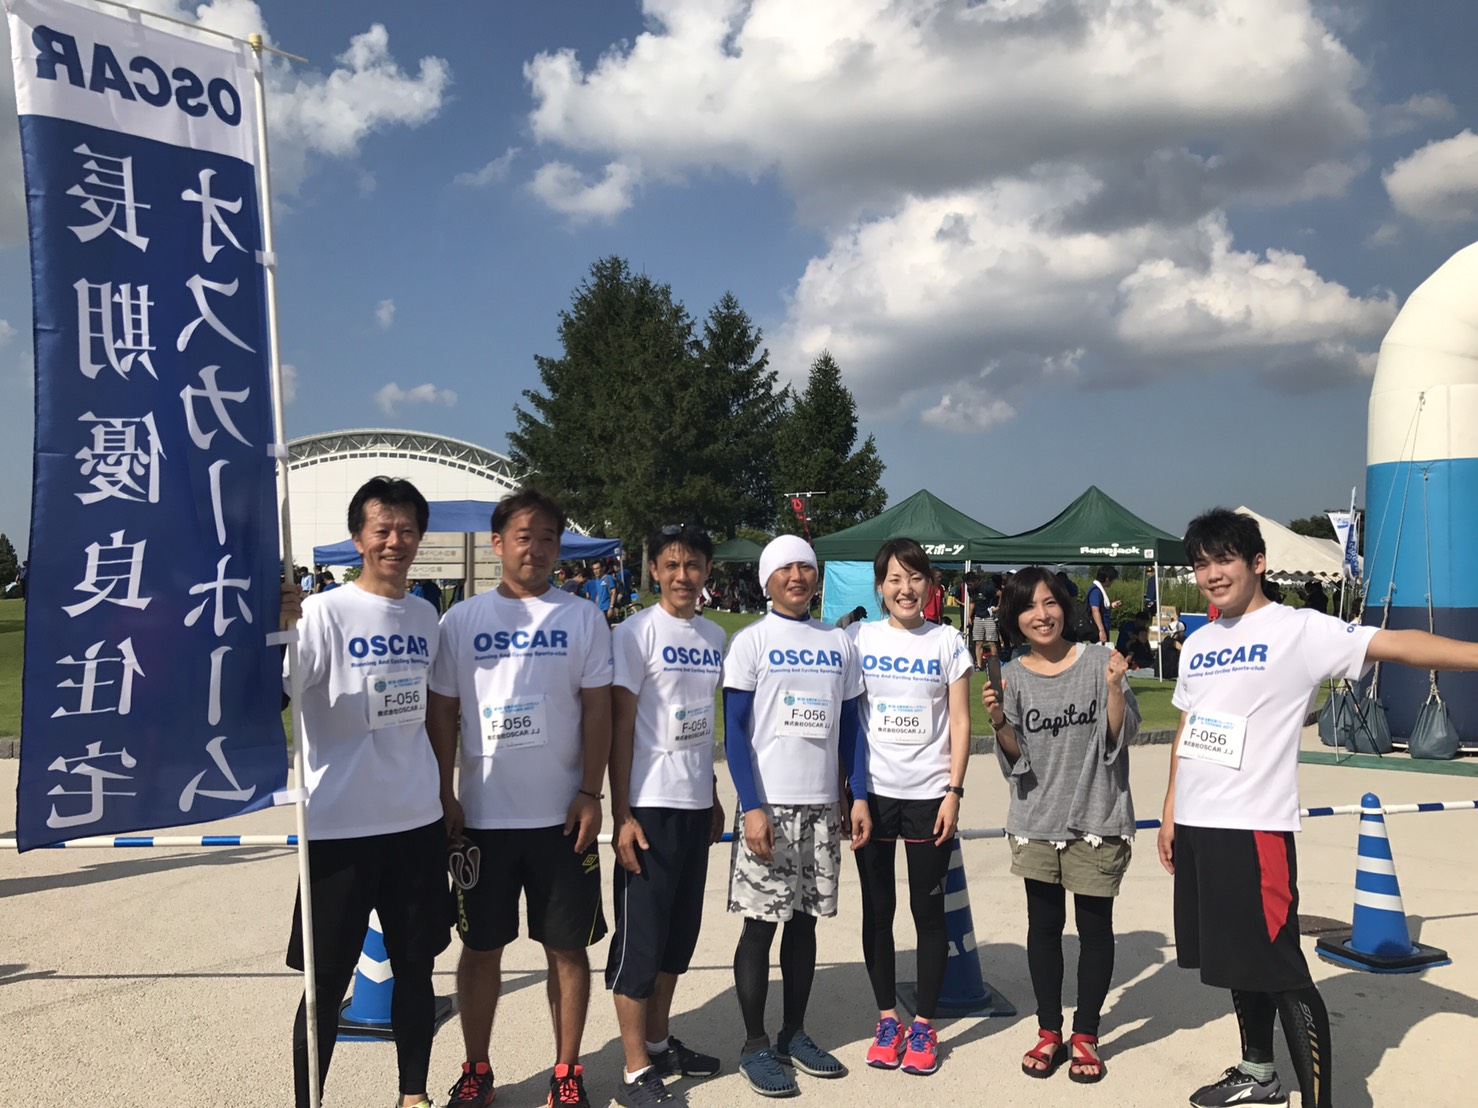 OSCARランニング&サイクリング部(ORACS)が企業交流リレーマラソンに参加しました。の画像